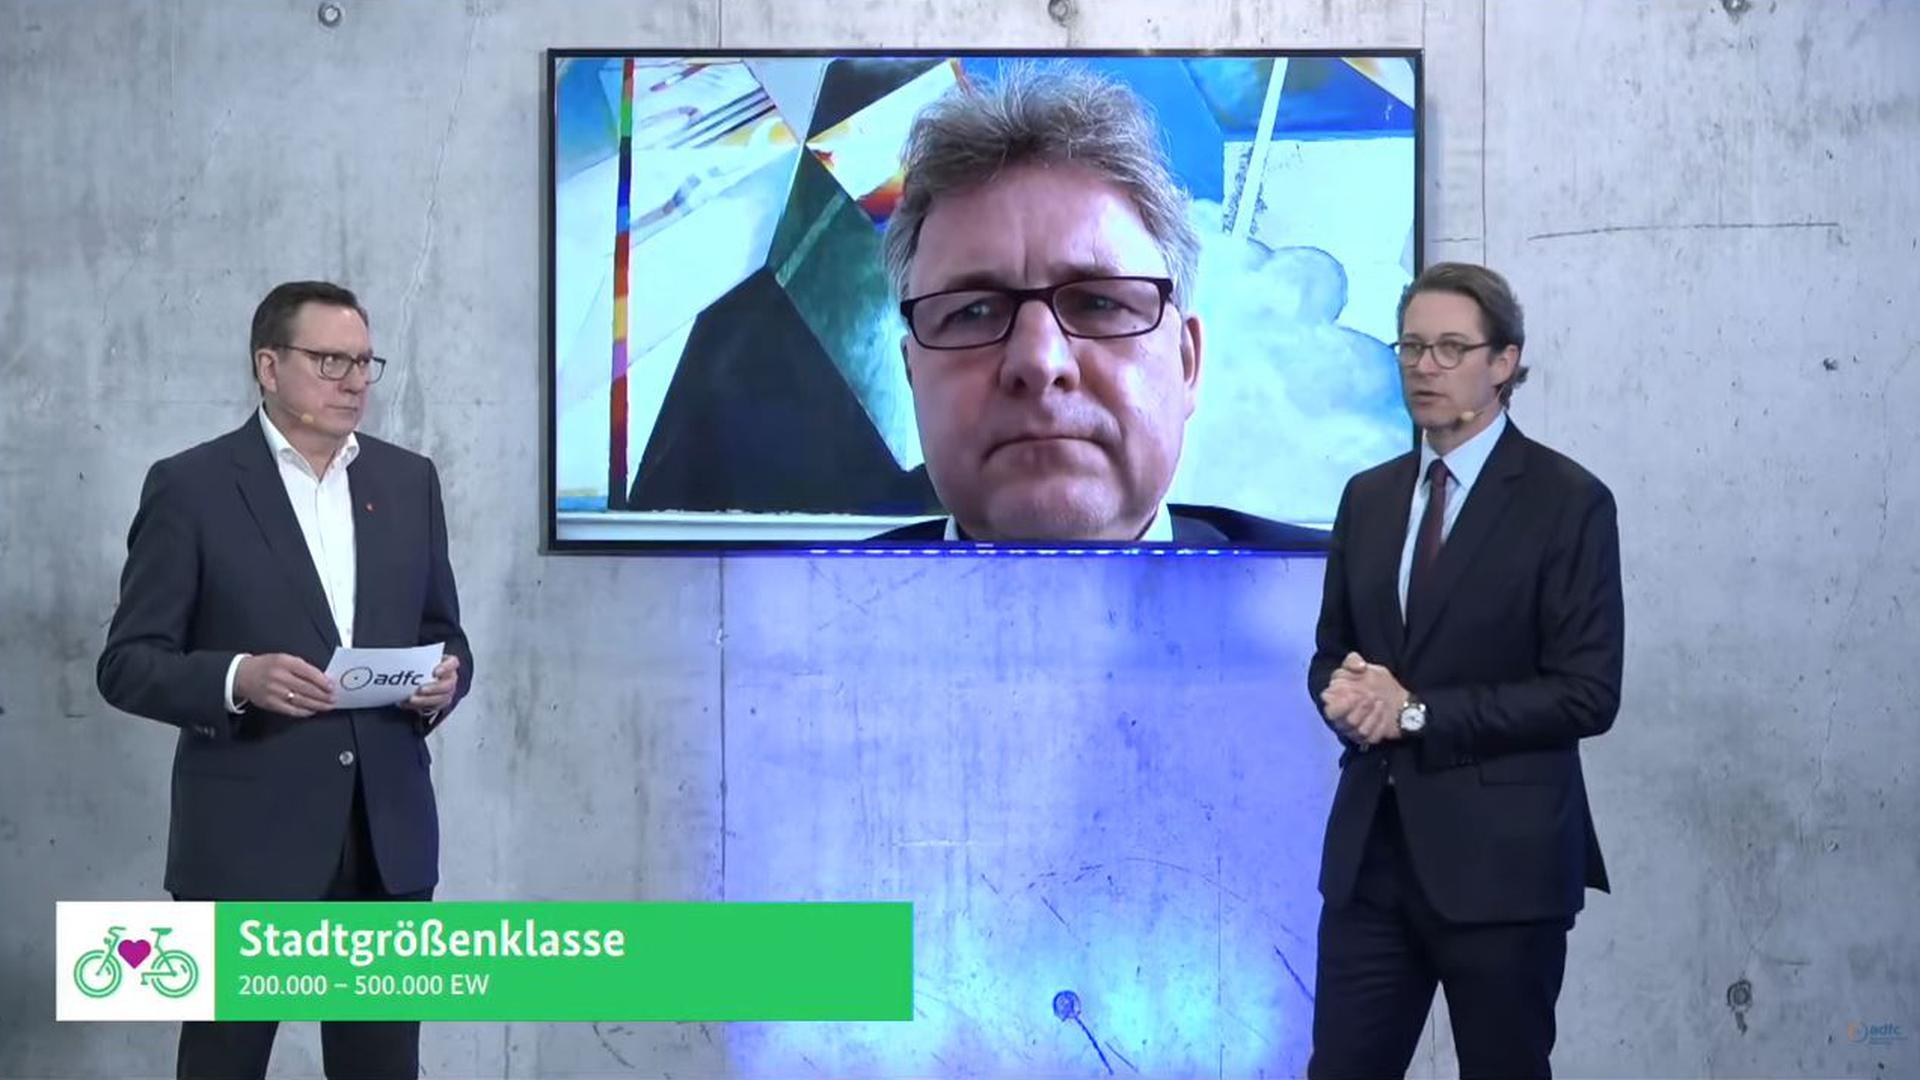 Der Karlsruher Oberbürgermeister Frank Mentrup (Mitte) hat per Live-Stream die Auszeichnung als fahrradfreundlichste Großstadt von Bundesverkehrsminister Andreas Scheuer (rechts) entgegengenommen.